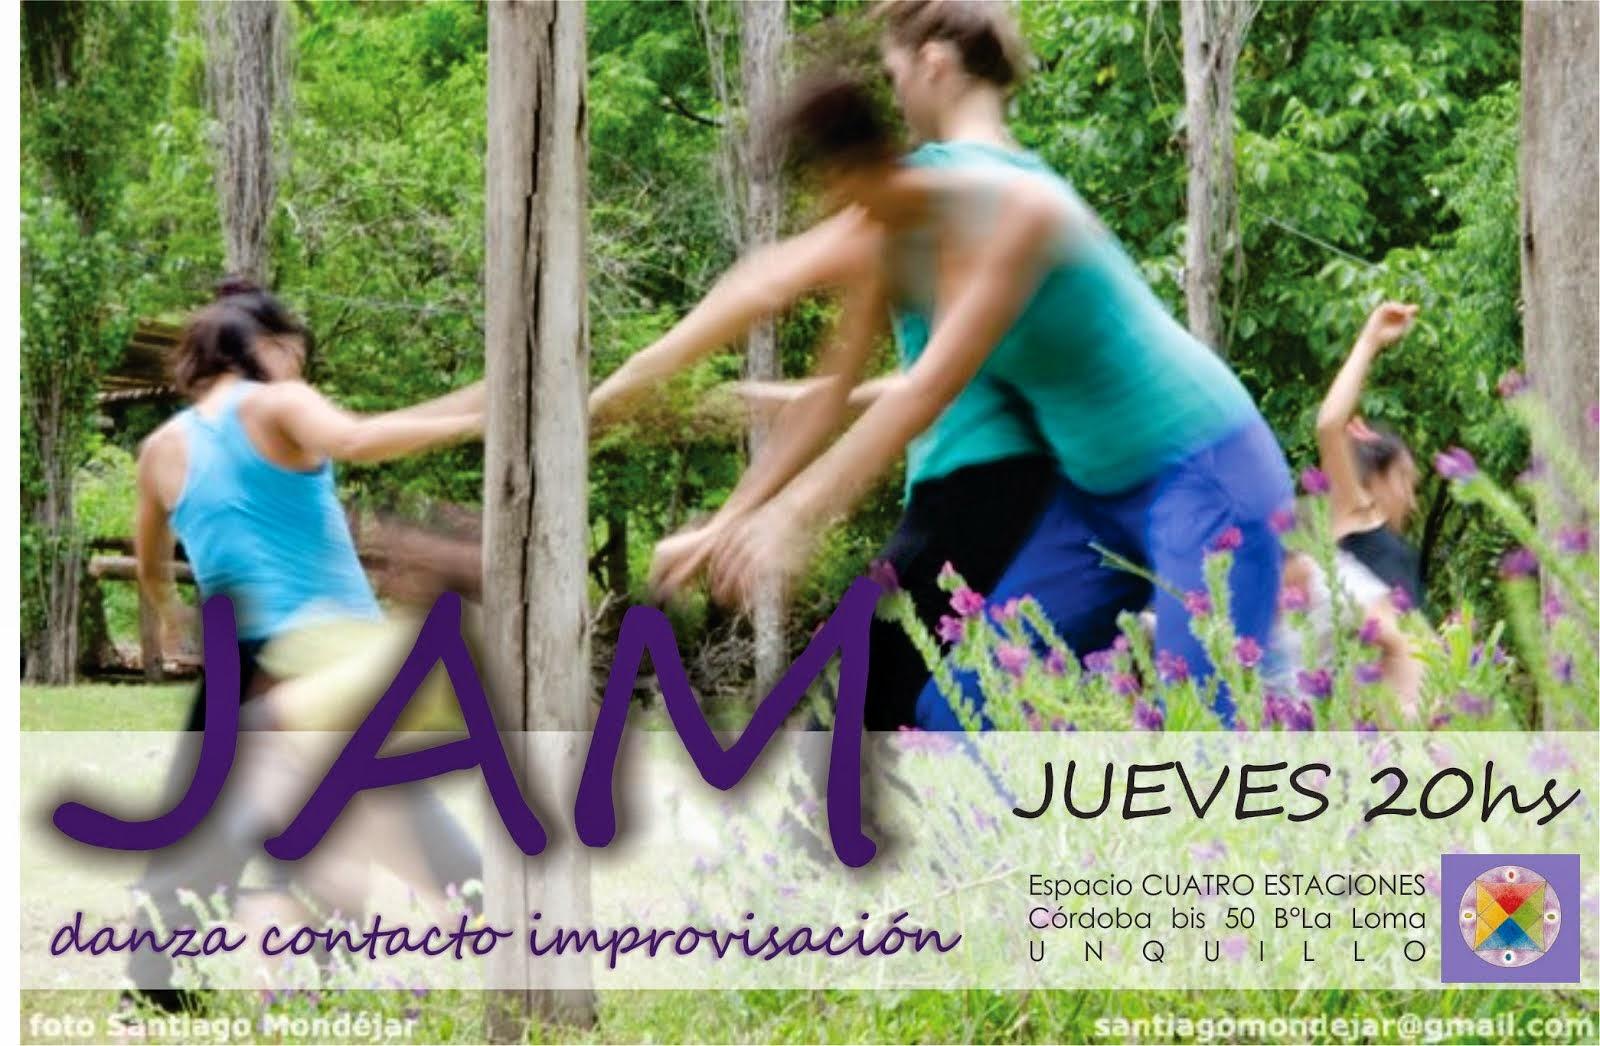 JAM danza contacto improvisación